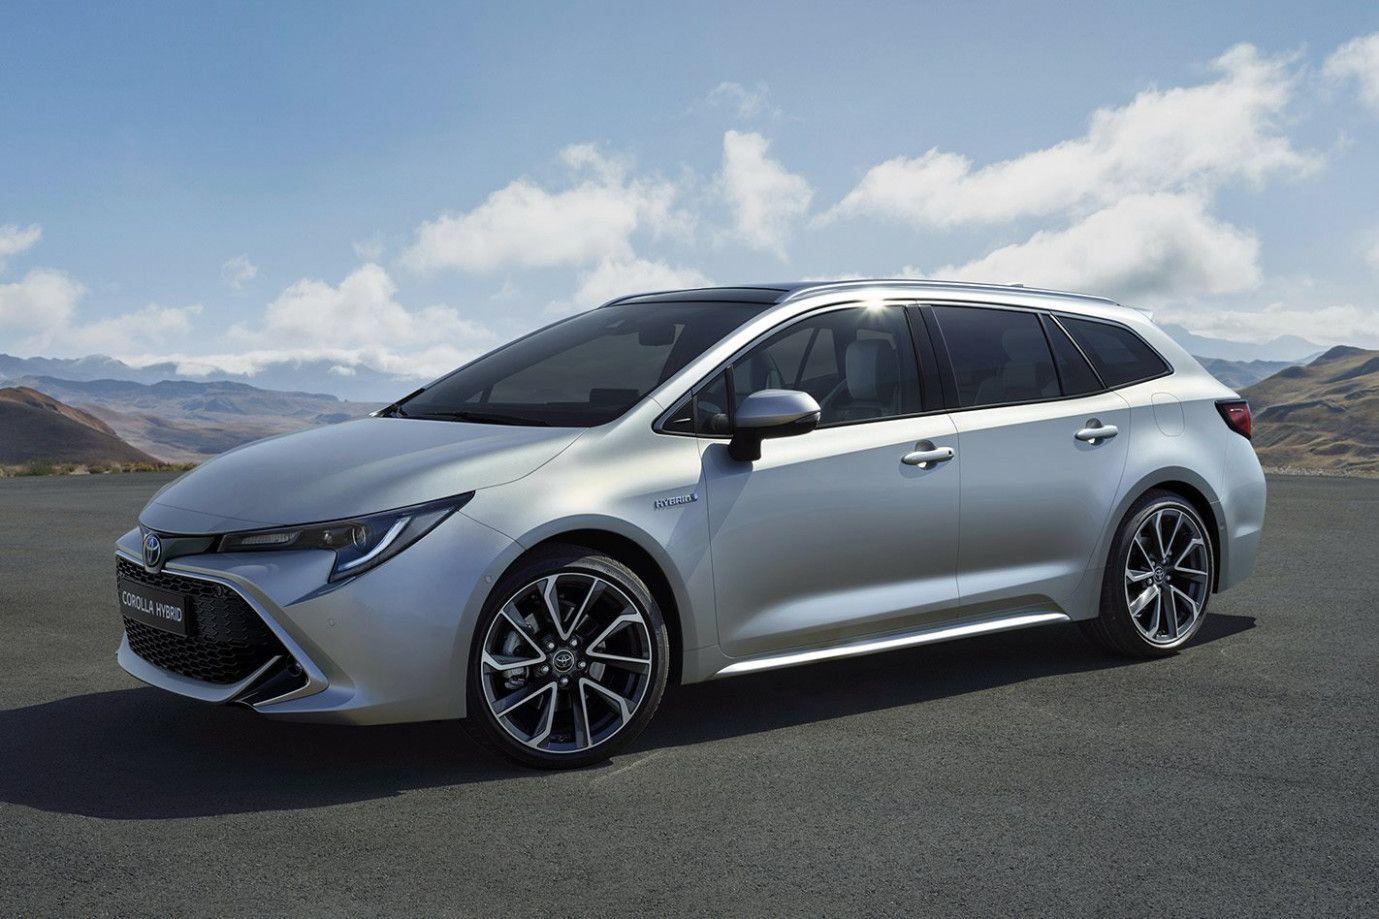 Toyota Corolla Wagon Could Come To Australia 2020 Toyota Wagon Toyota Corolla Sport Corolla Wagon Toyota Corolla